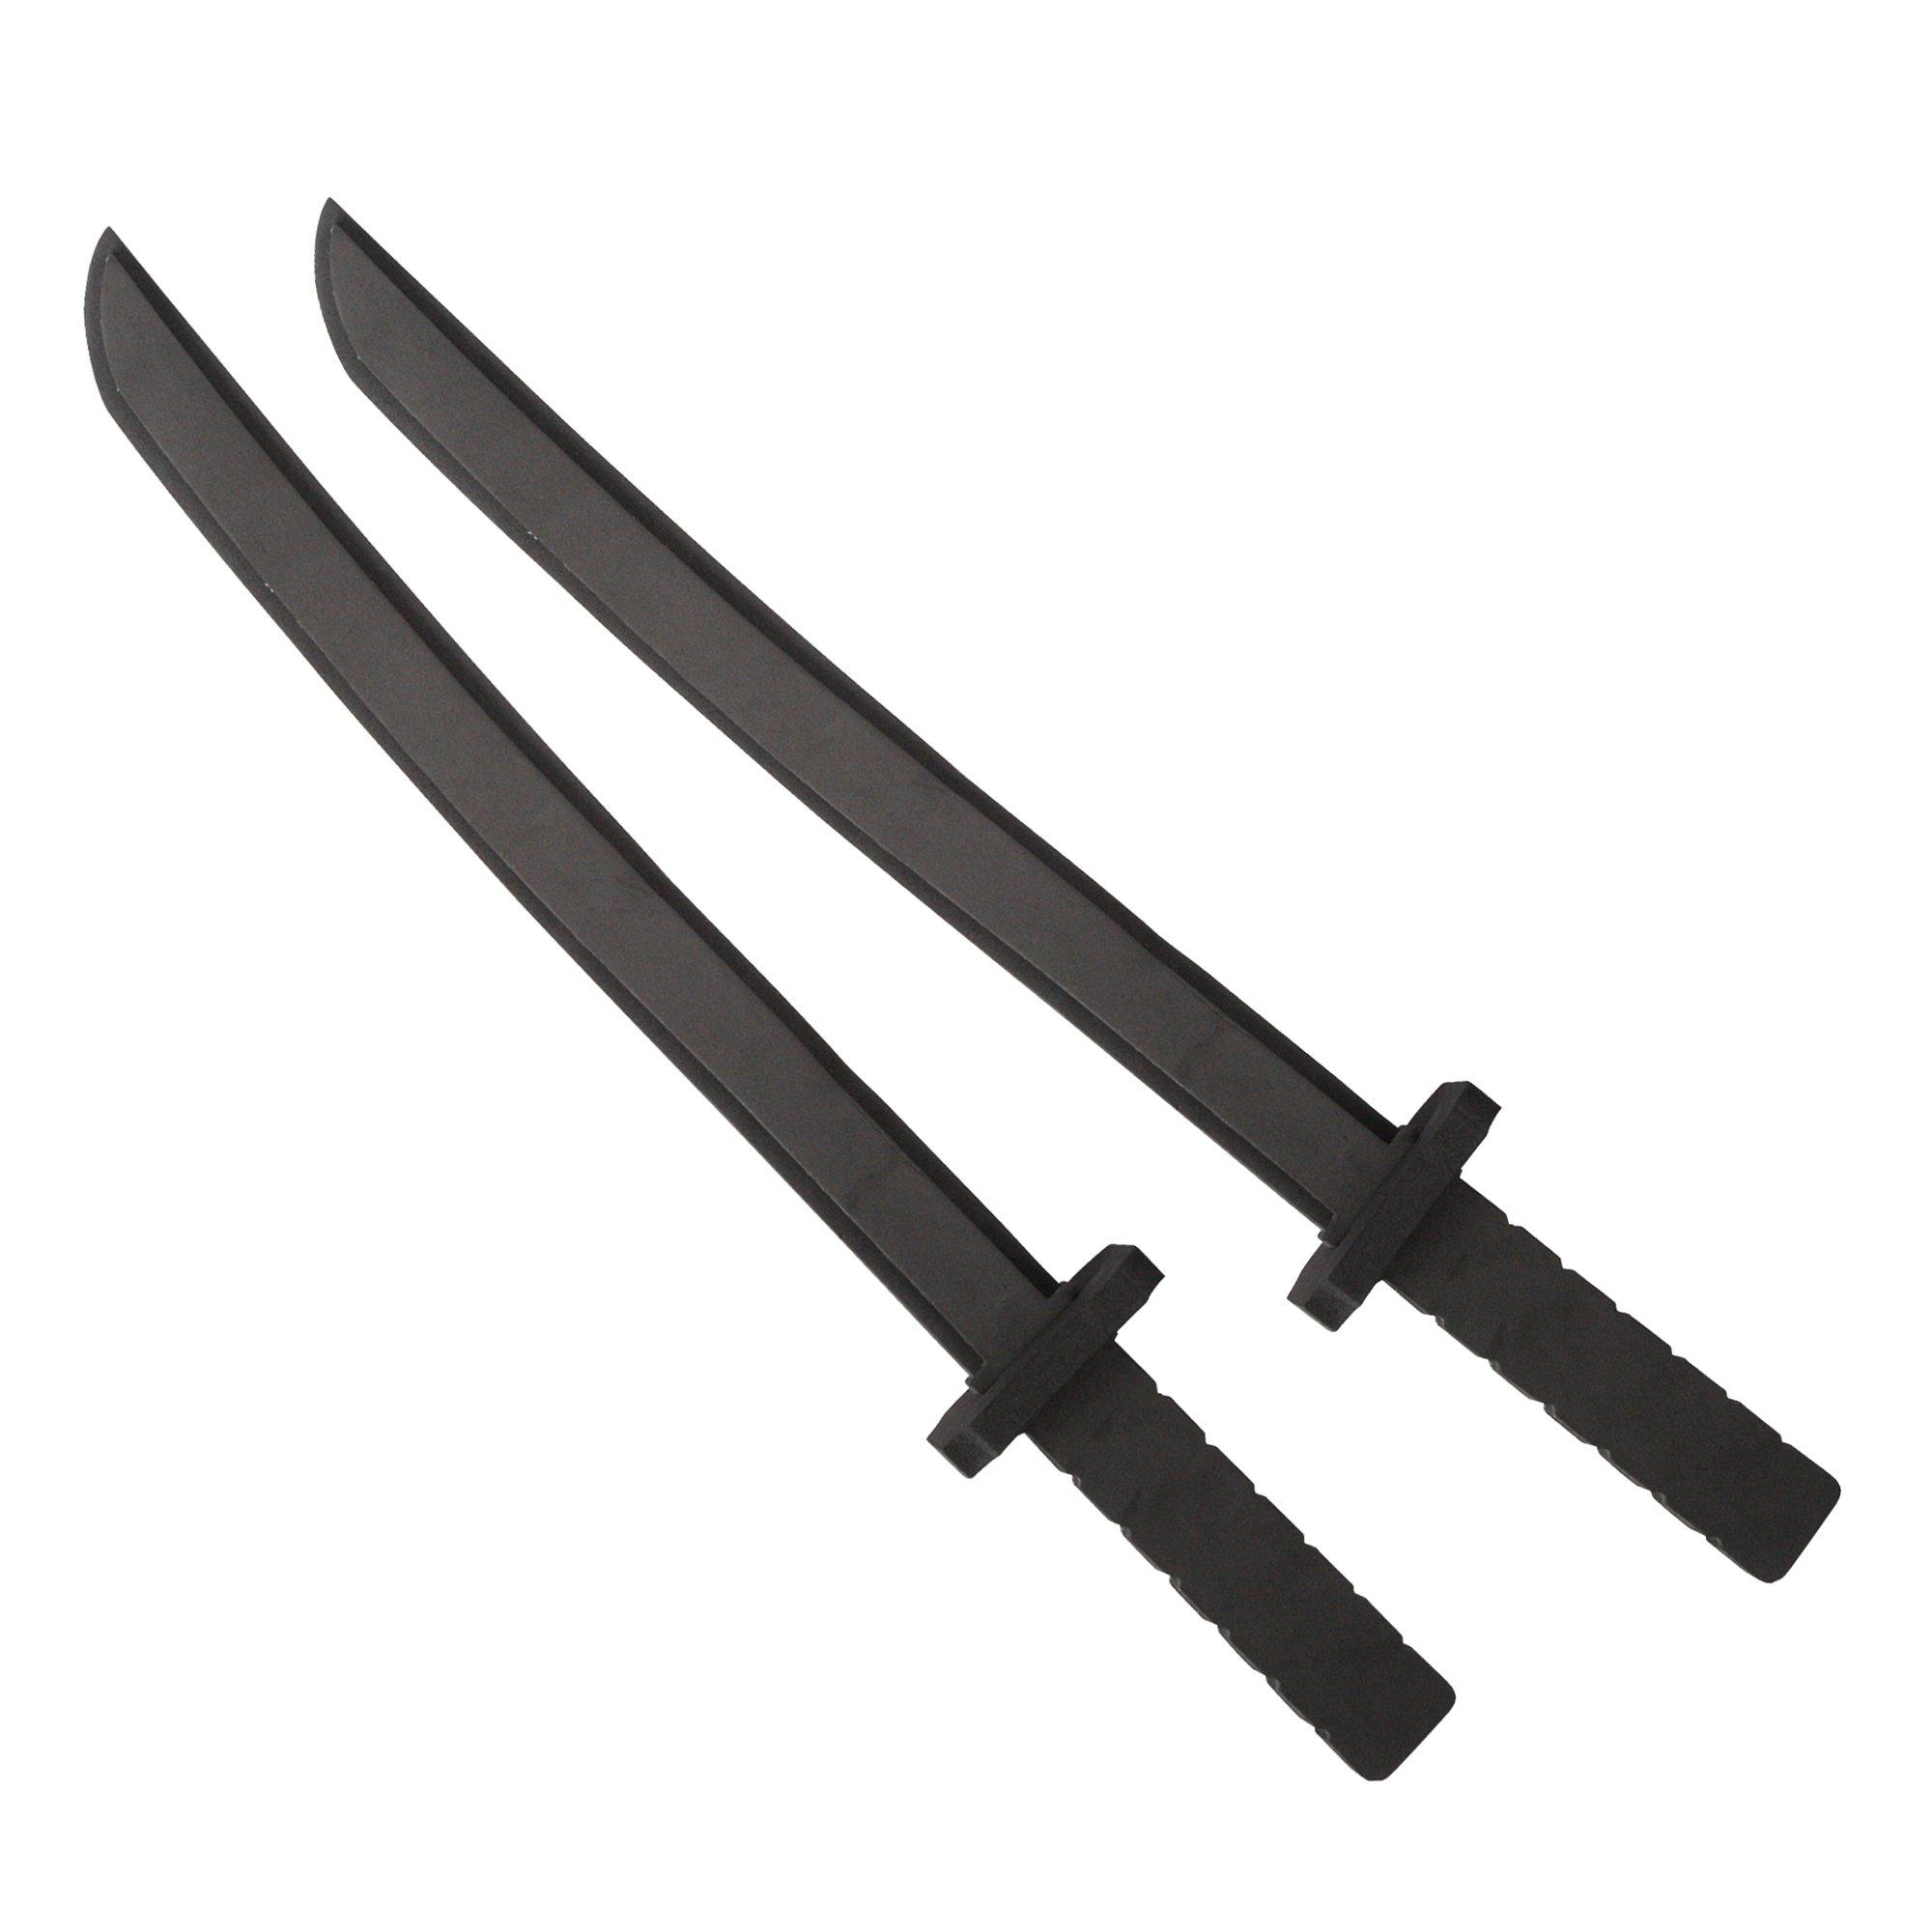 Katara 1771 - Juego de 2 Espadas de Espuma Gomaespuma Ninja 55cm de Largo, Negro: Amazon.es: Juguetes y juegos